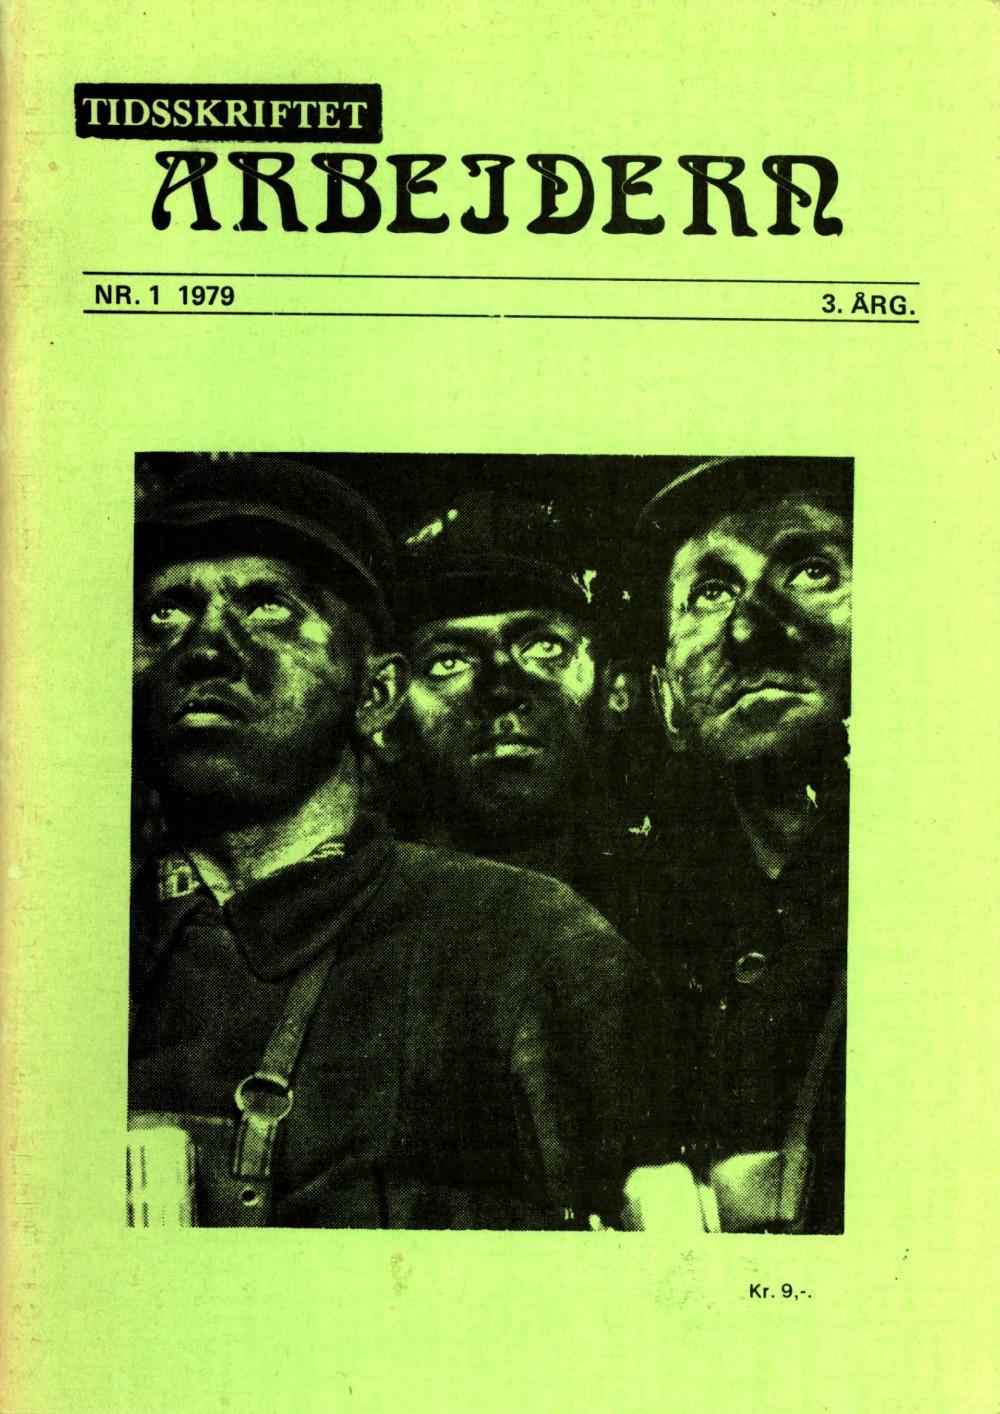 Tidsskriftet Arbeidern - nr. 1 1979